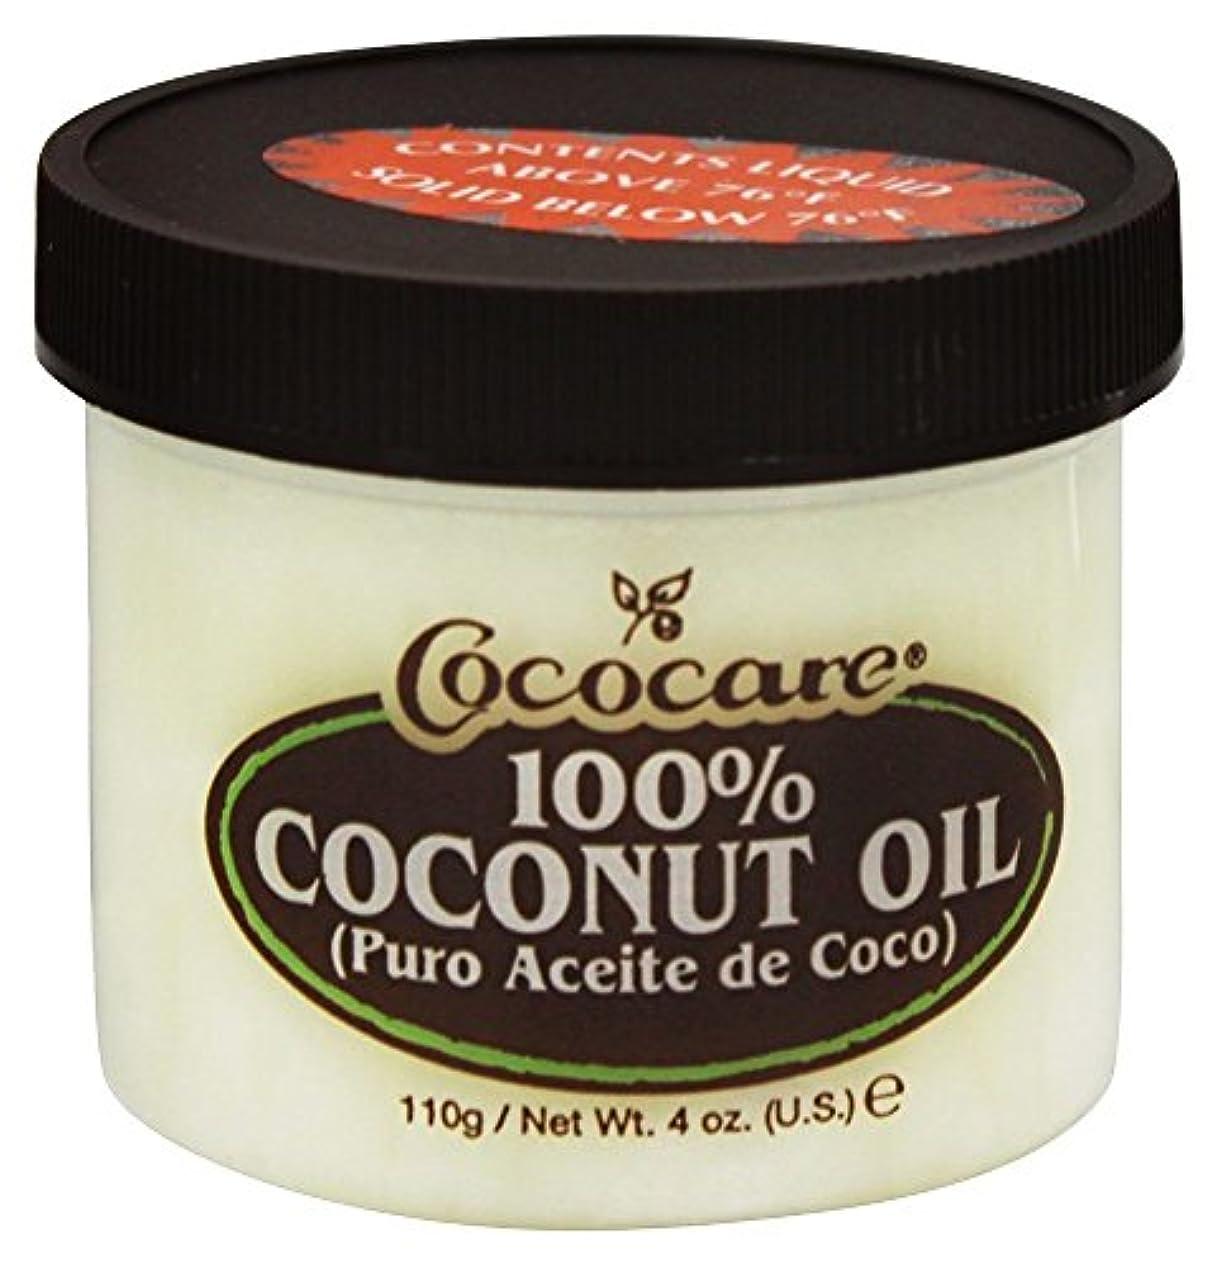 扱いやすい取り壊すトレーニングCococare - 100% ココナッツ オイル - 4ポンド [並行輸入品]